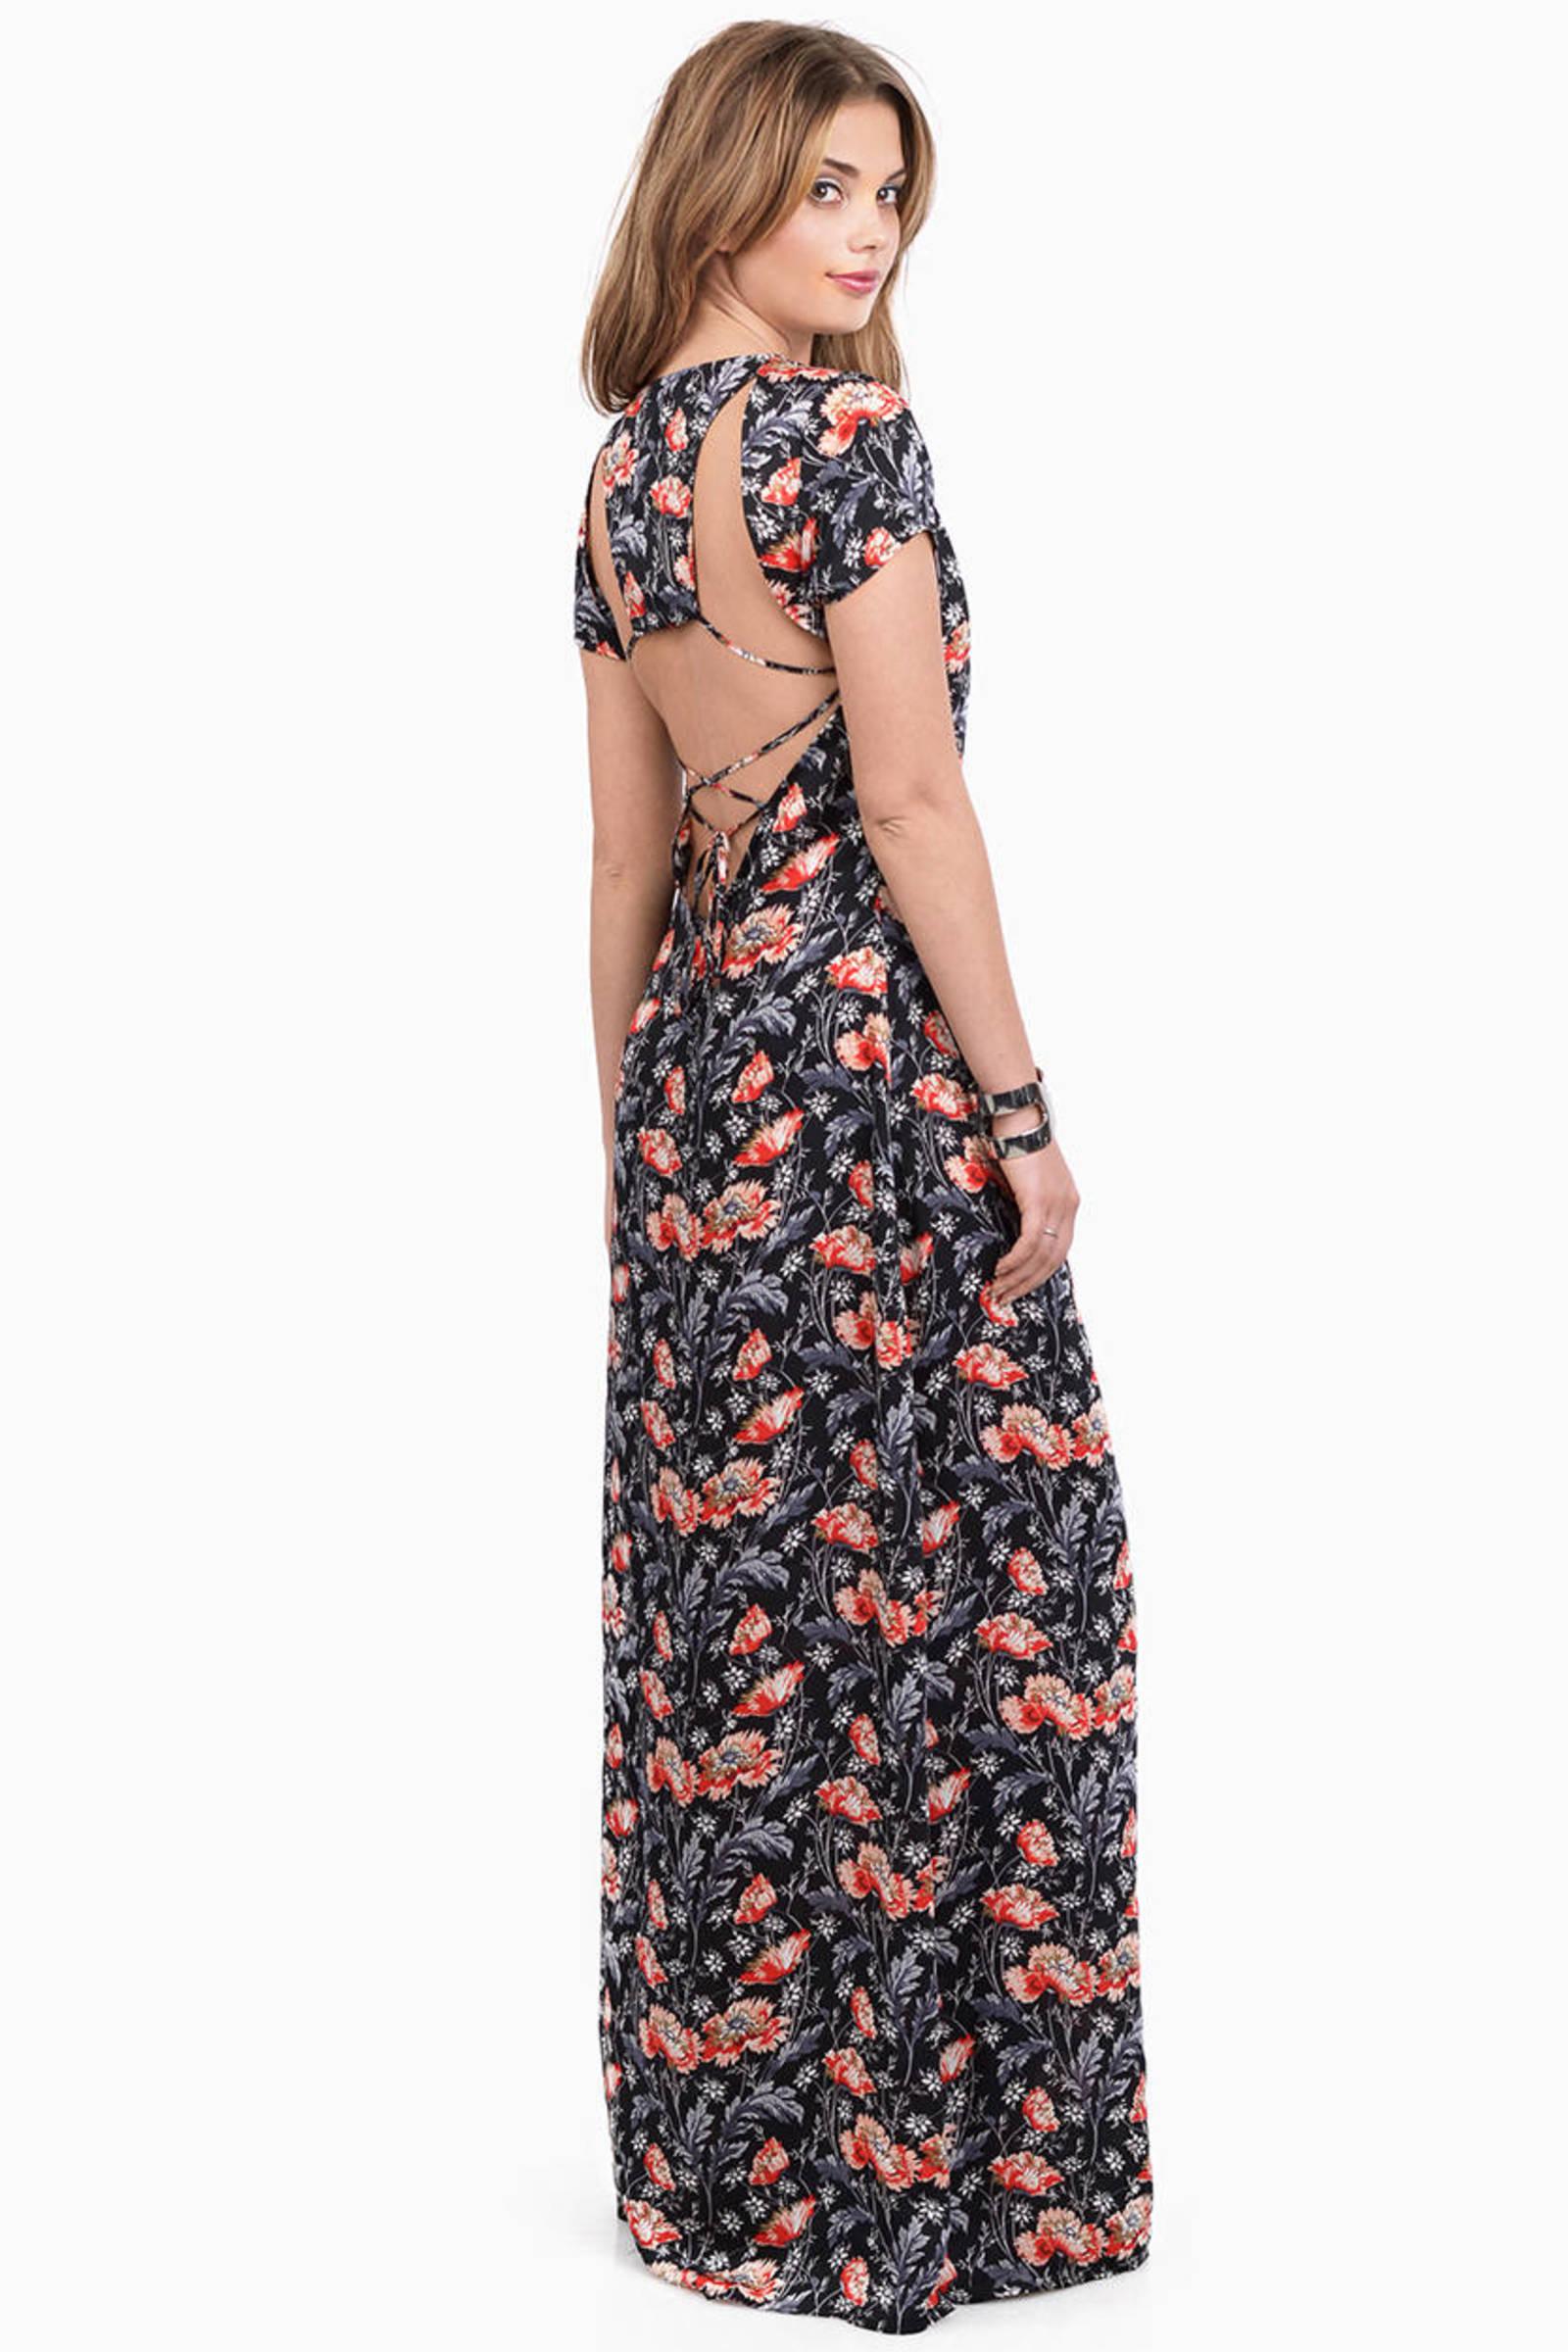 Natural Wonders Maxi Dress   Tobi